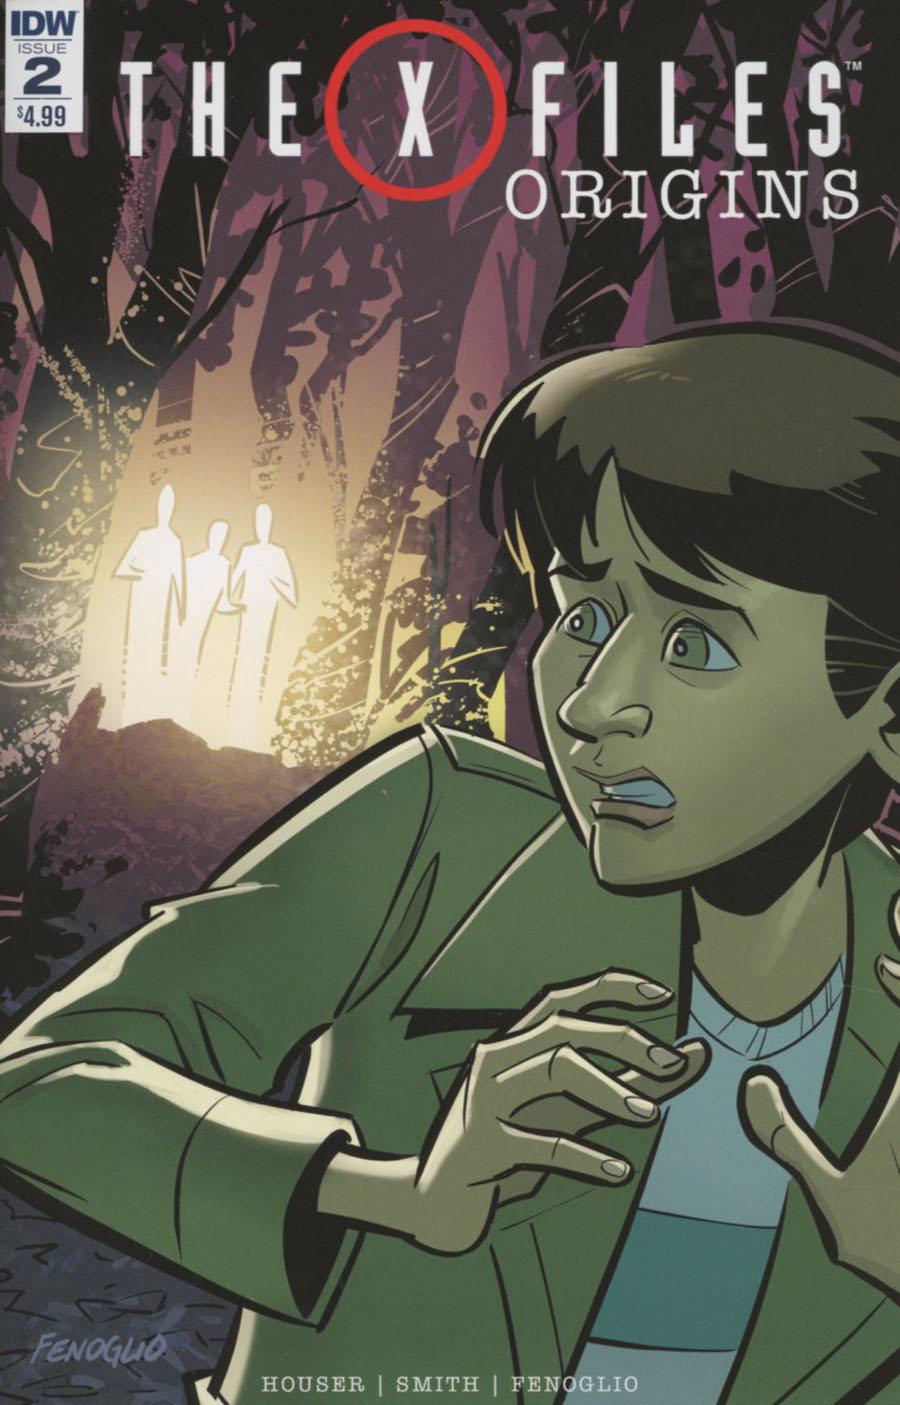 X-Files Origins #2 Cover A Regular Chris Fenoglio & Corin Howell Cover